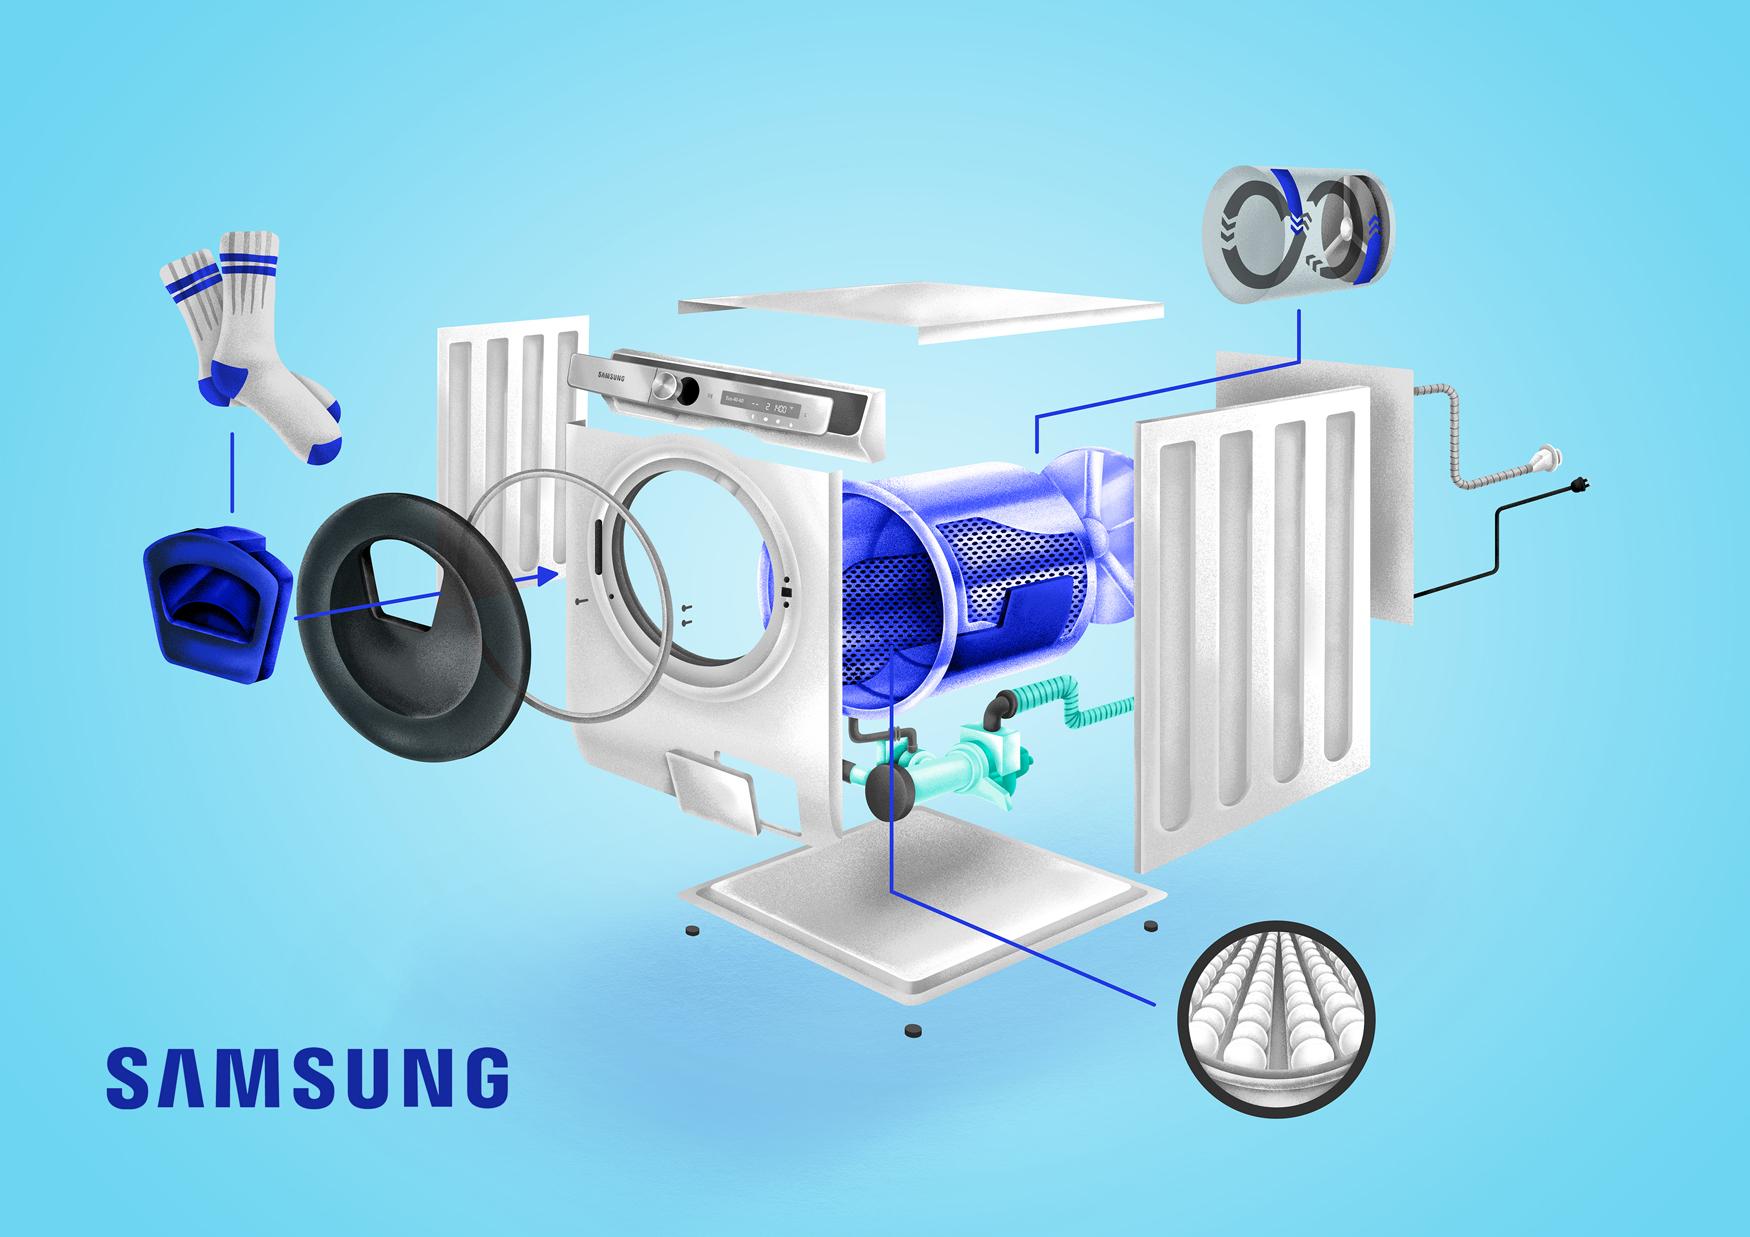 Samsung WW9800 Teile im Schema. Foto: Samsung